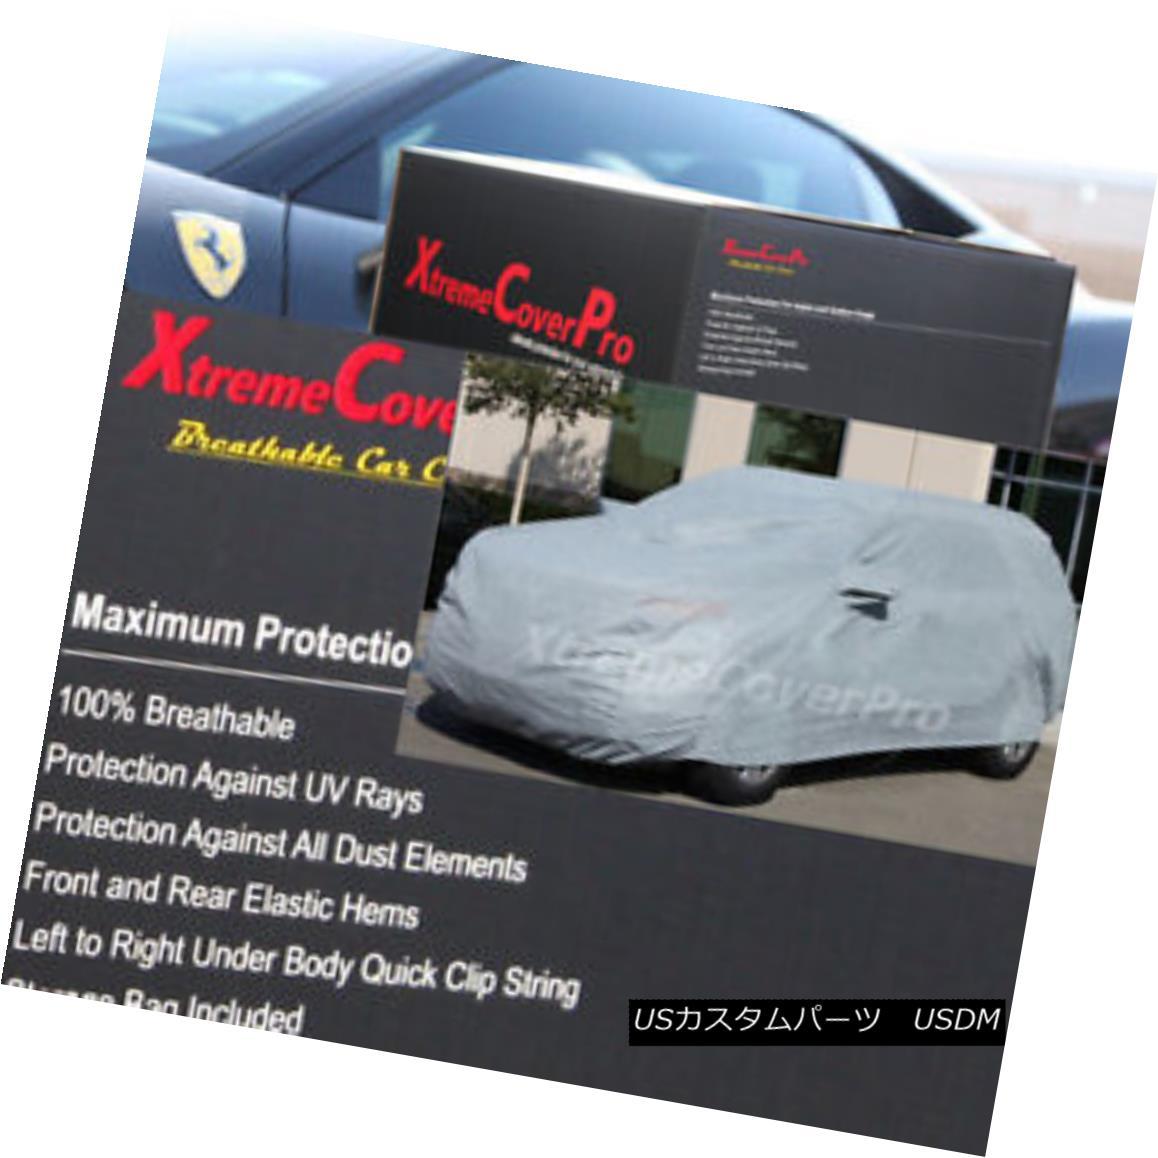 カーカバー 2006 2007 Mercedes ML350 ML500 ML550 ML63 Breathable Car Cover w/MirrorPocket 2006年メルセデスML350 ML500 ML550 ML63通気性車カバー付きMirrorPocket